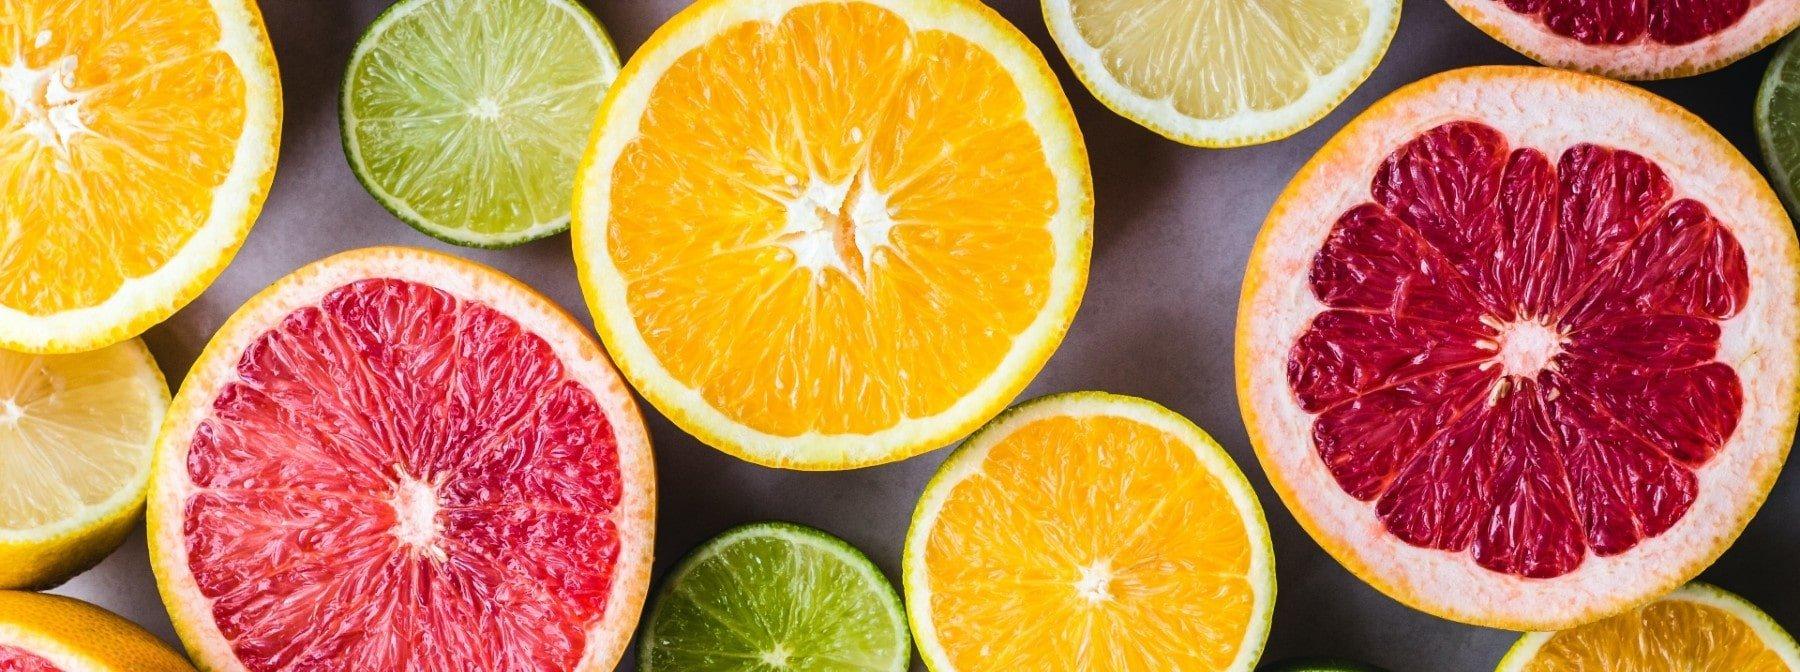 Was du essen solltest, wenn du krank bist | Die besten 11 Lebensmittel